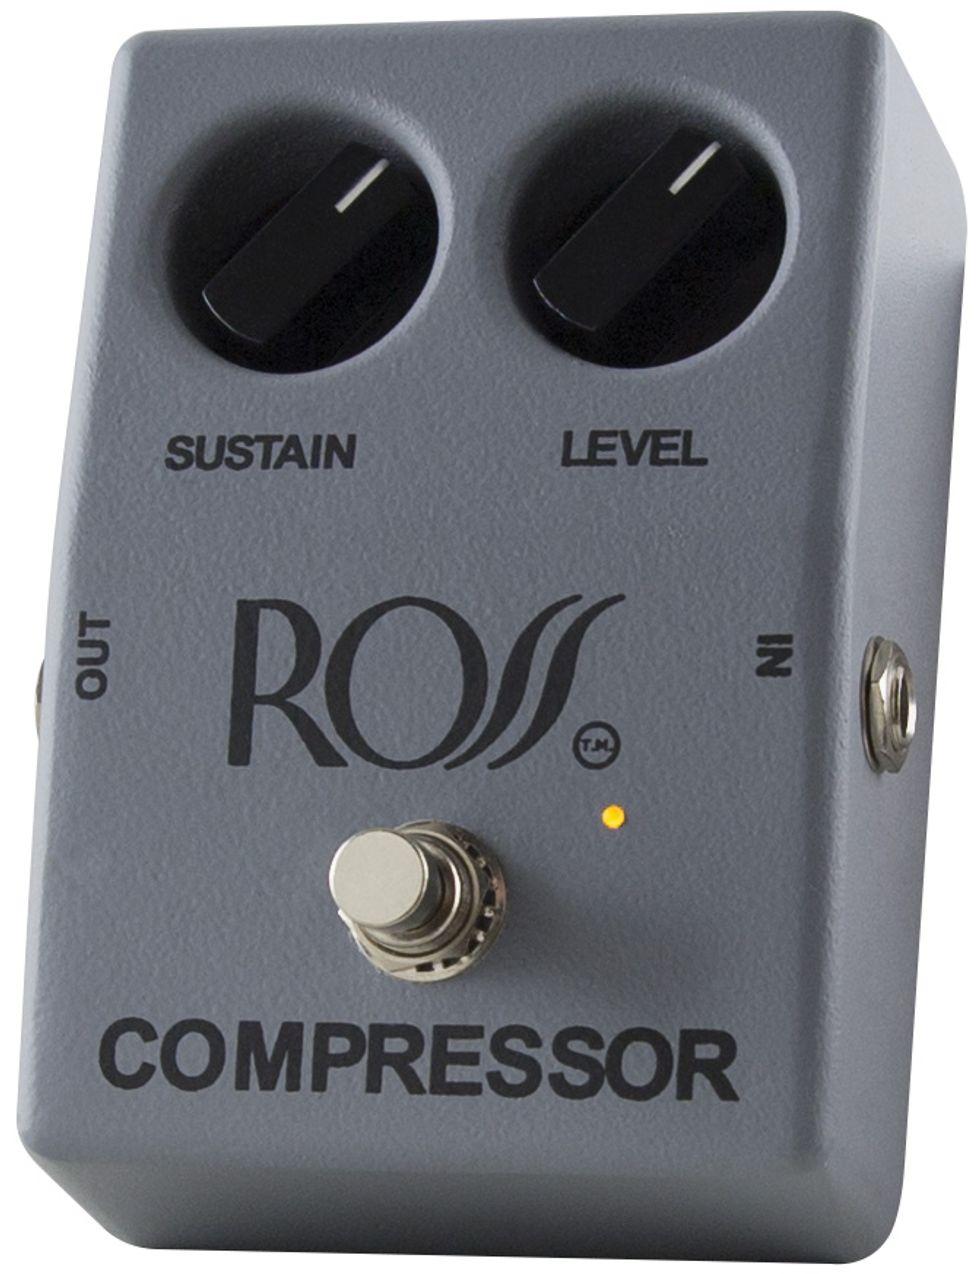 Ross Compressor Review